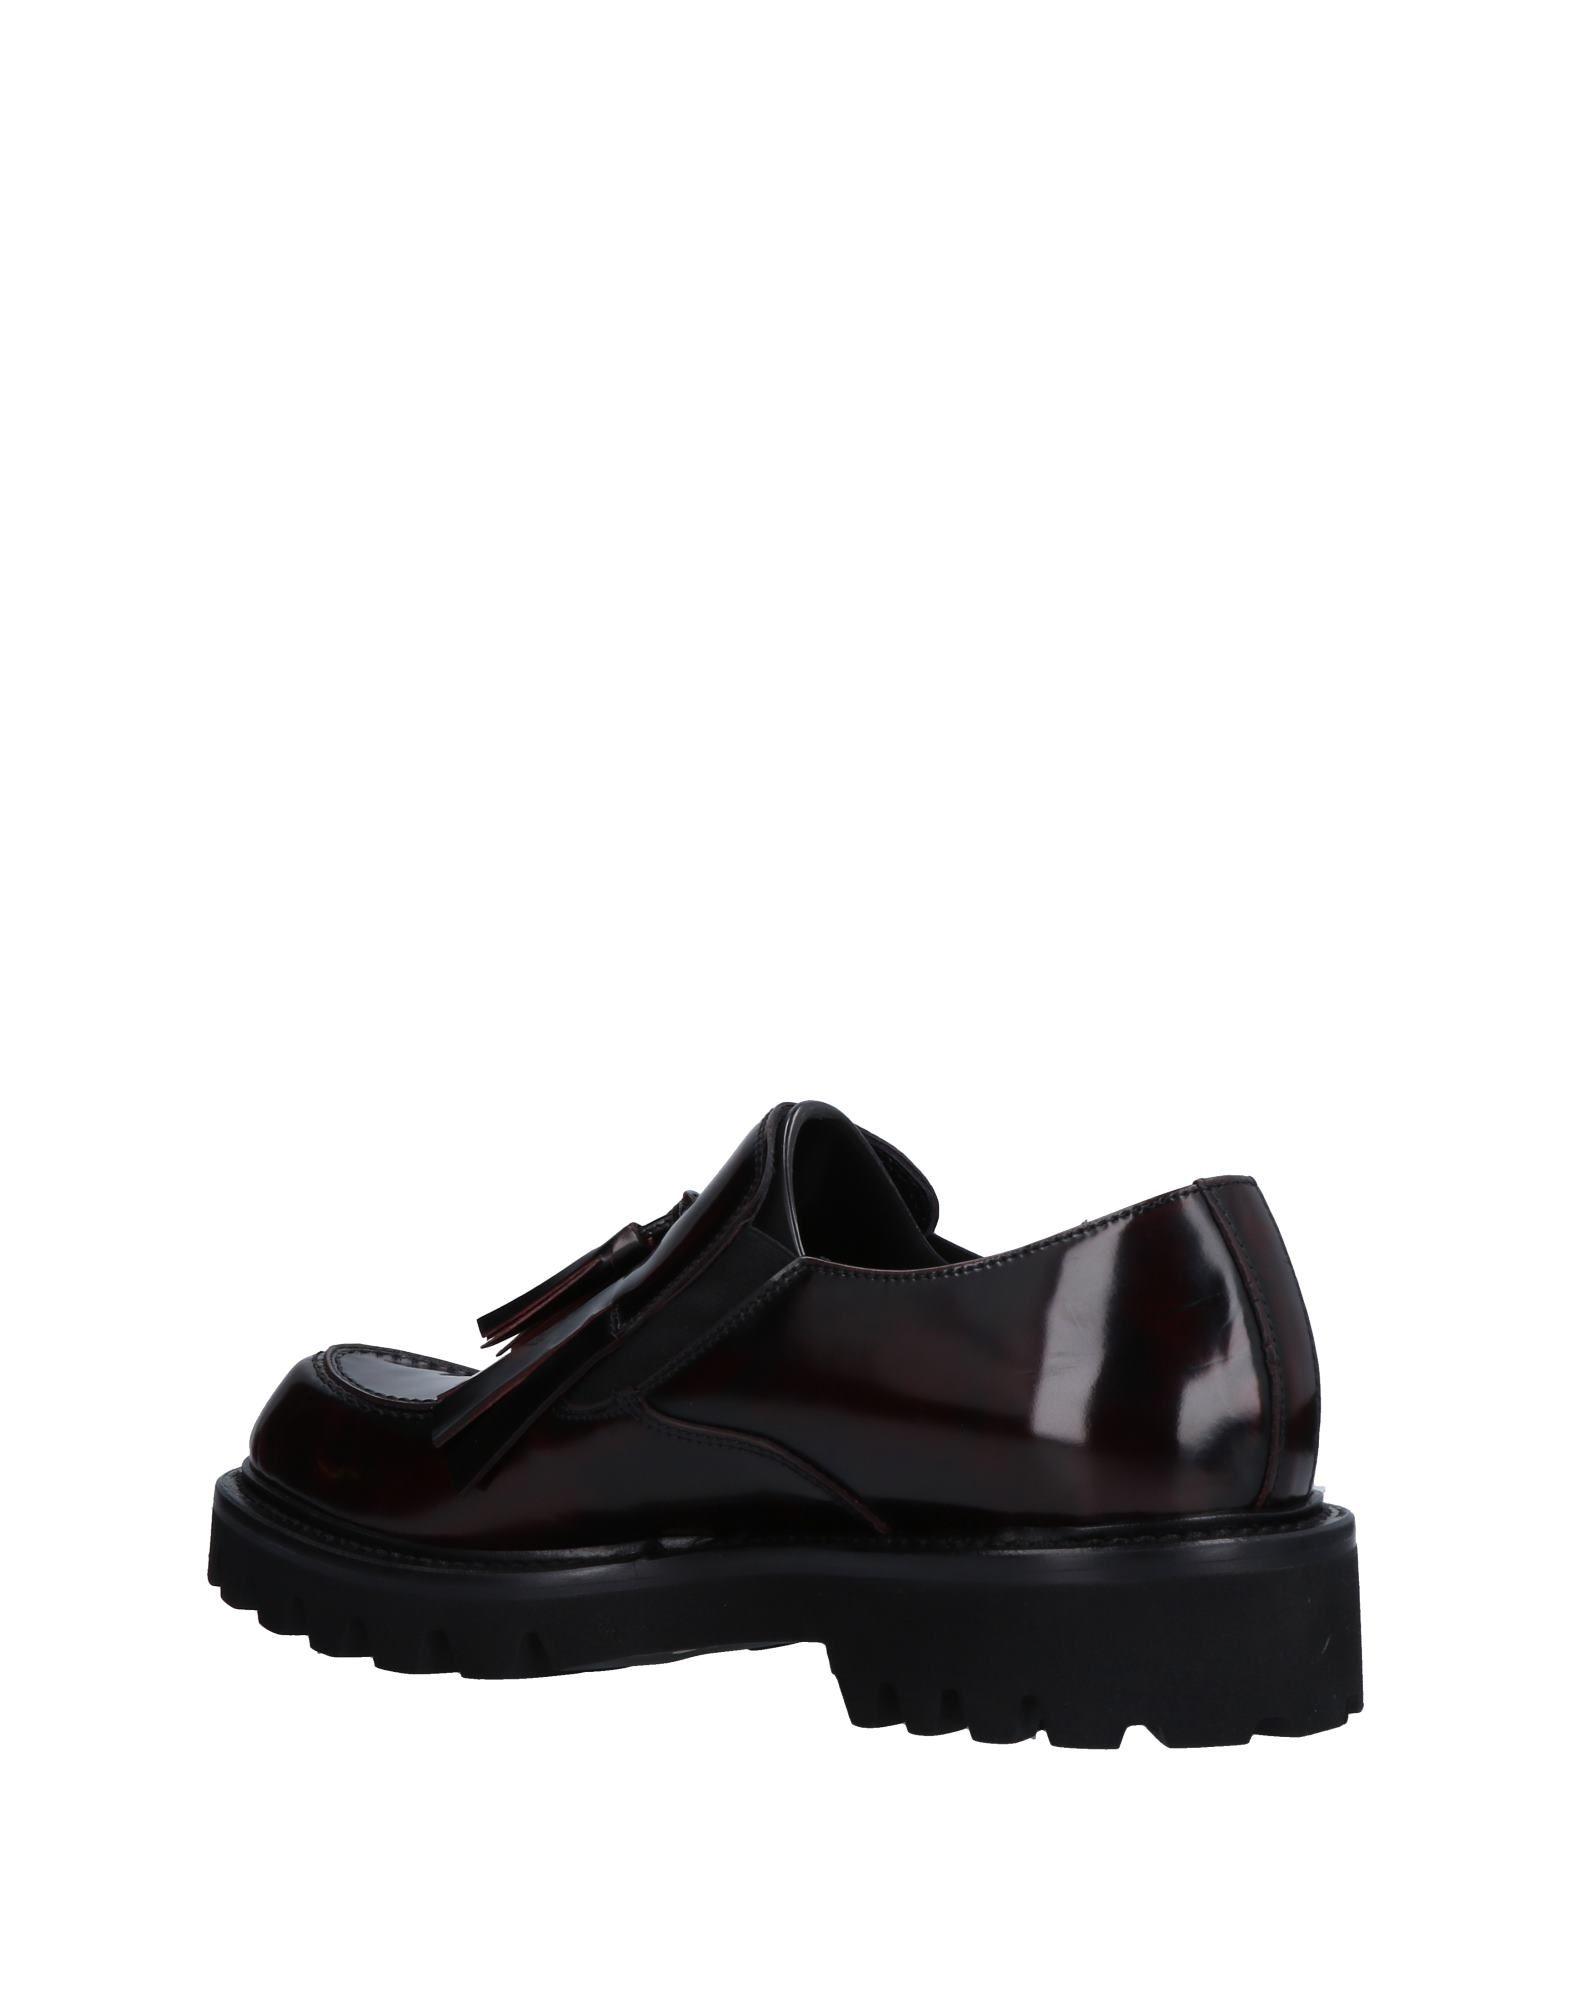 Roberto Botticelli Mokassins Herren  11519539DC Gute Qualität beliebte Schuhe